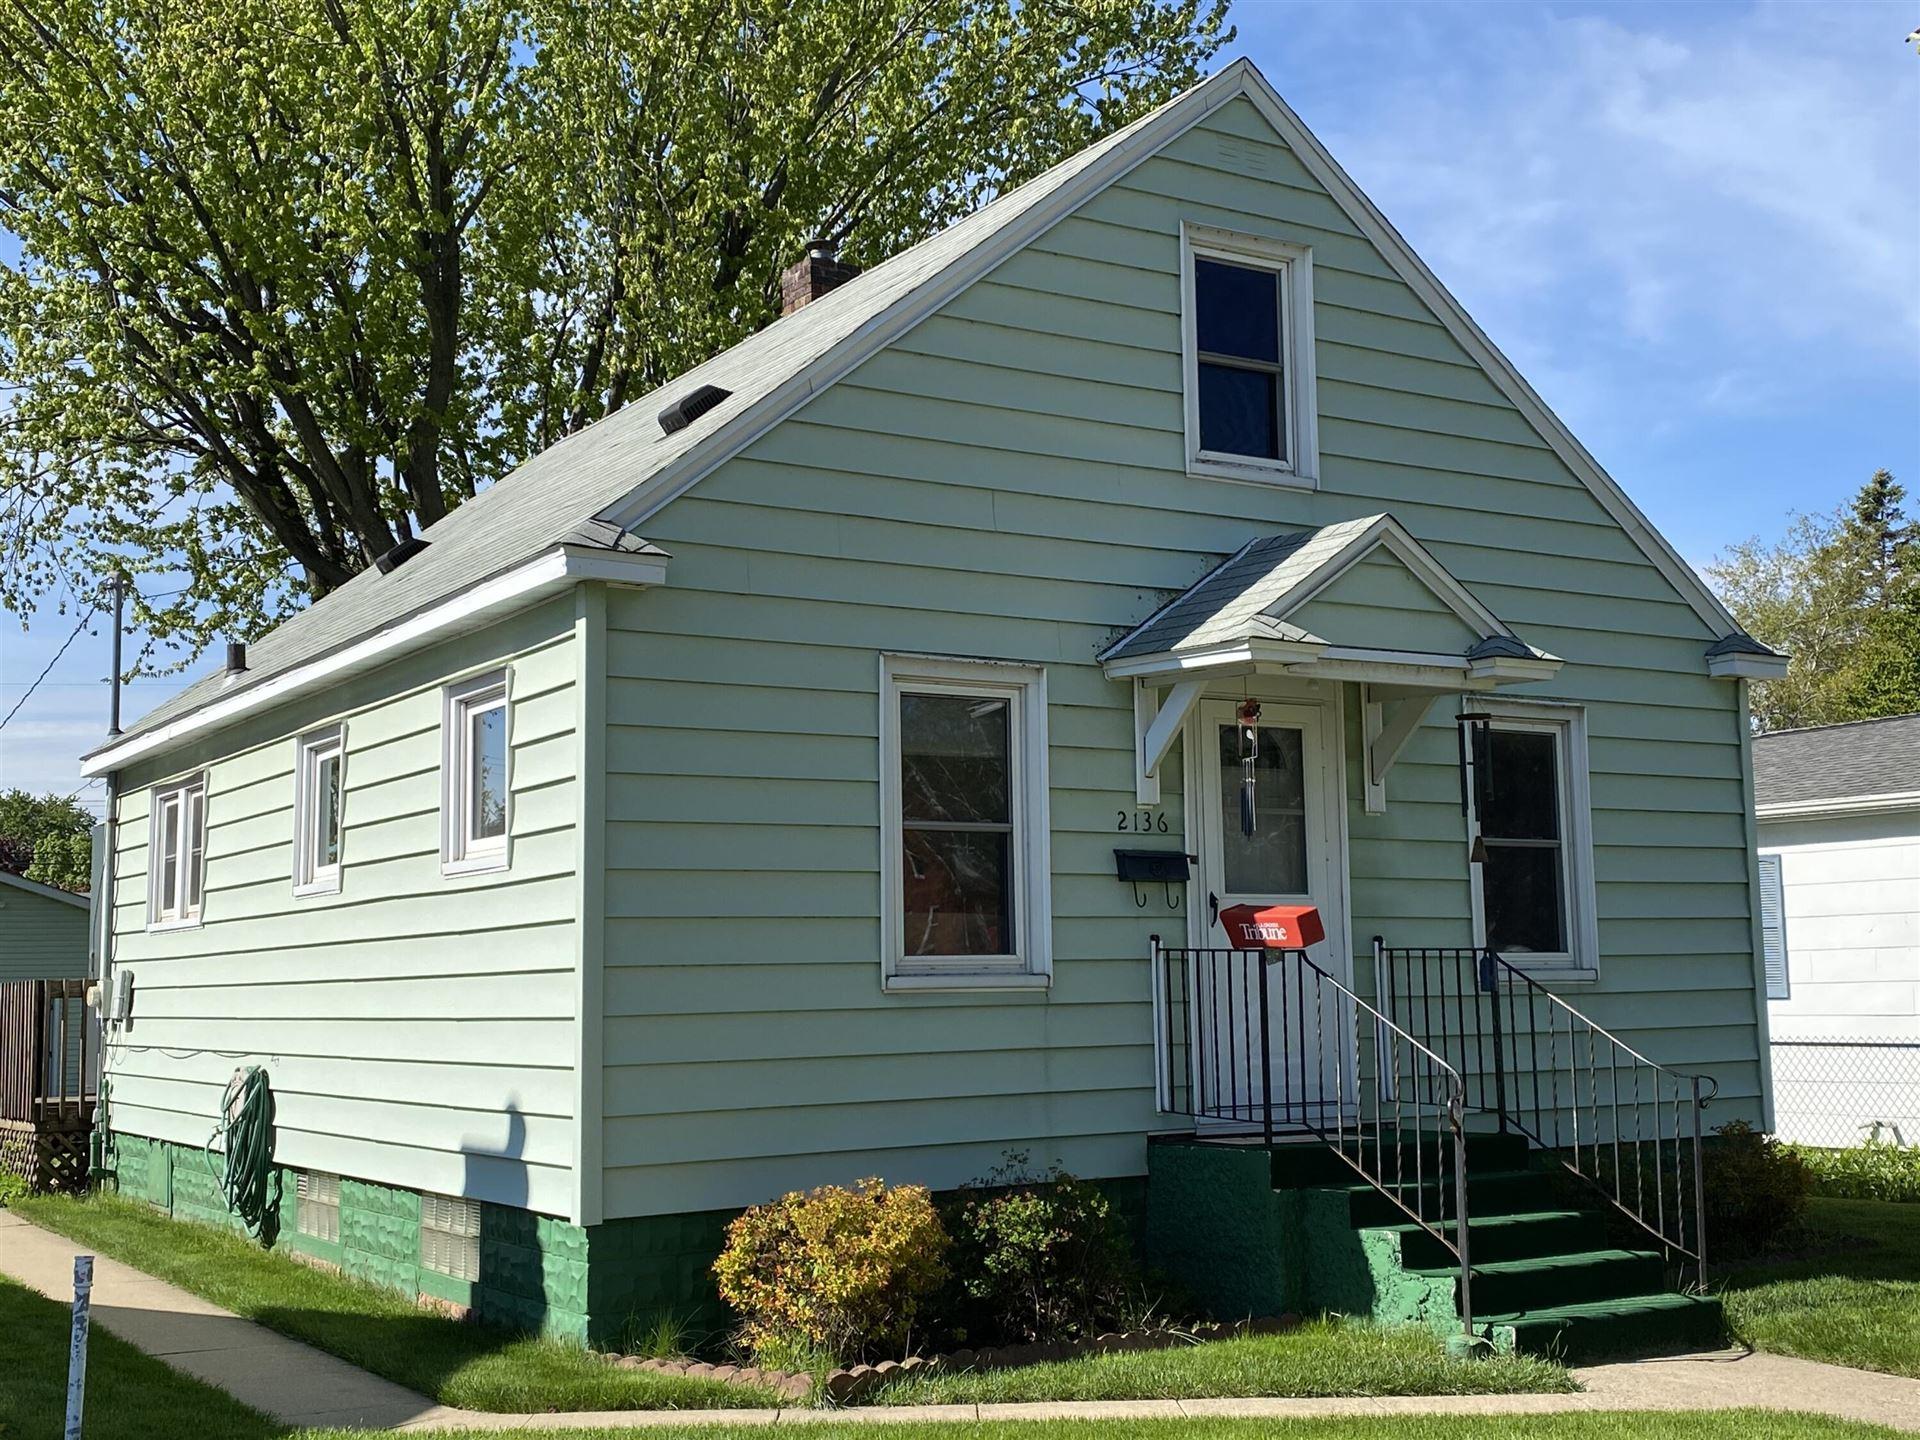 2136 Mississippi St, La Crosse, WI 54601 - MLS#: 1739420